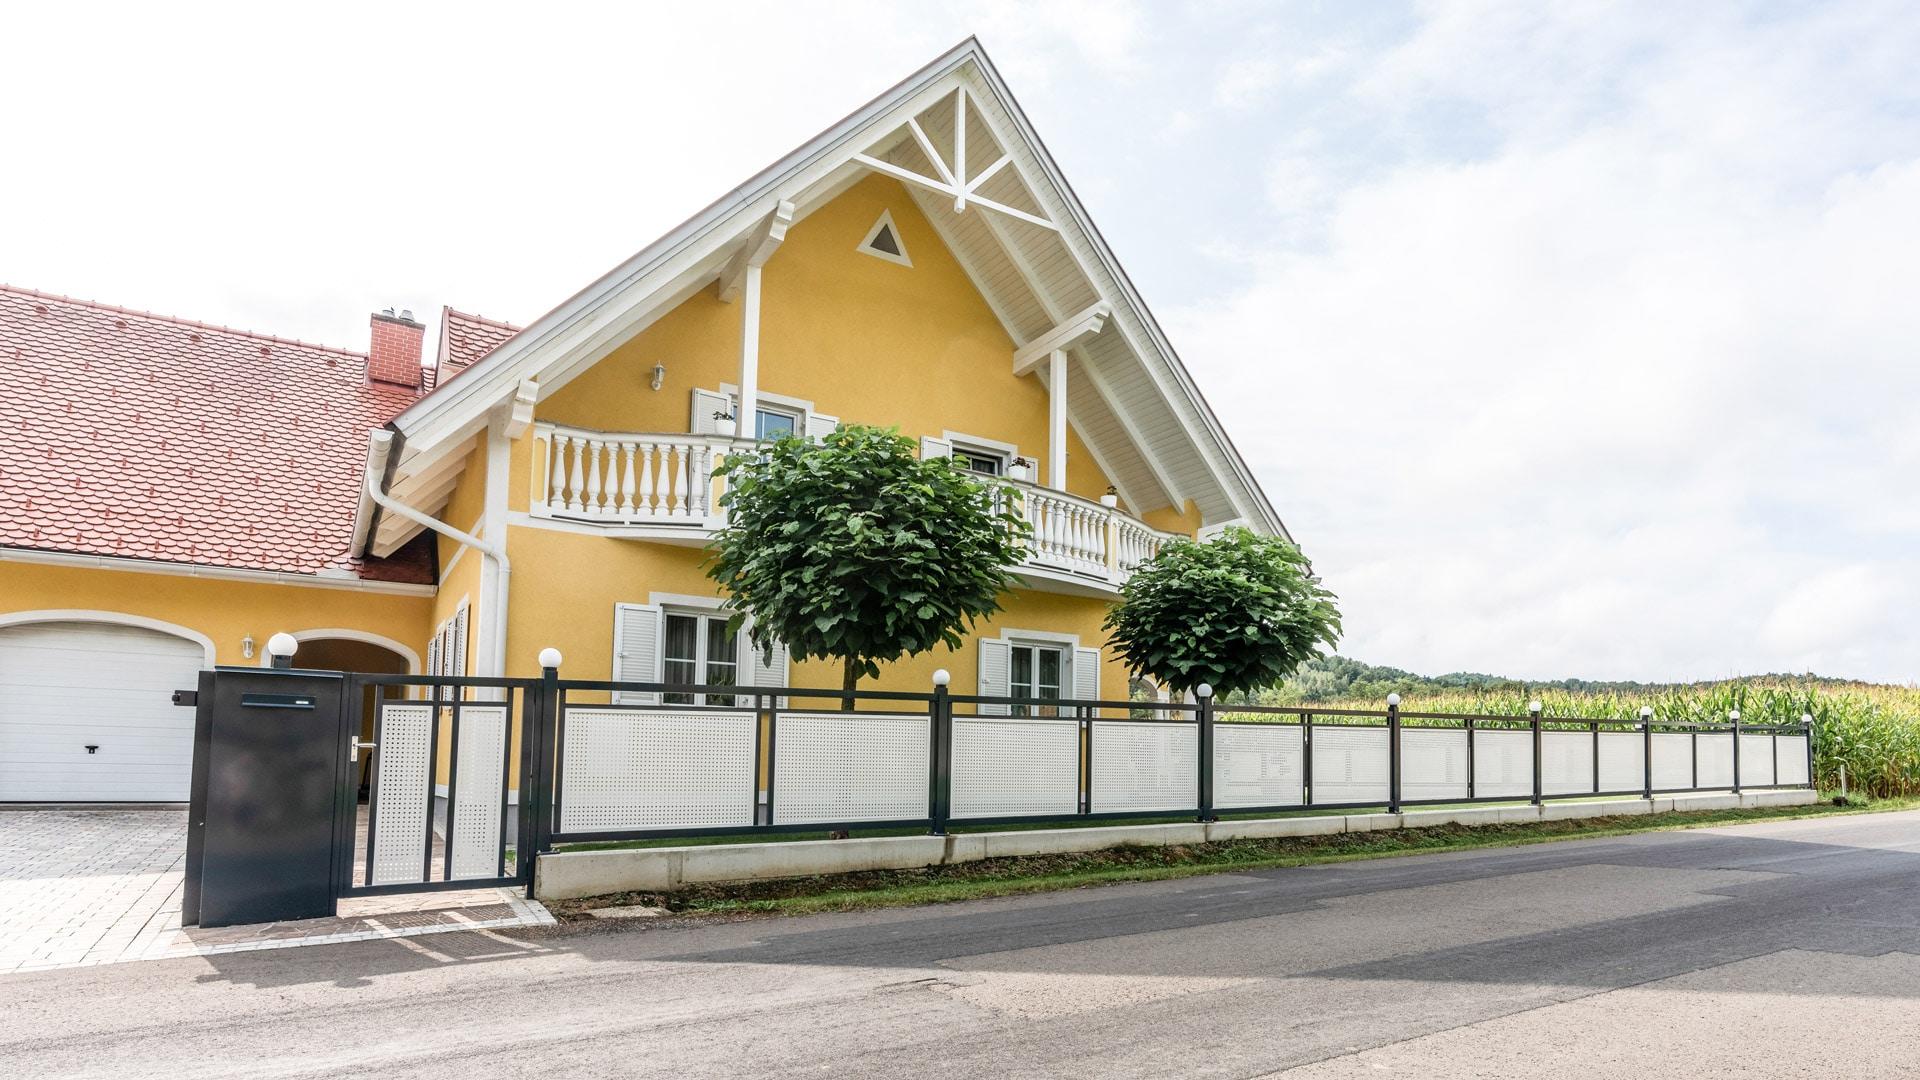 ZA Güssing 13 h   Alu-Zaunanlage anthrazit, Alu-Lochblech weiß, Haus gelb mit Balustraden   Svoboda